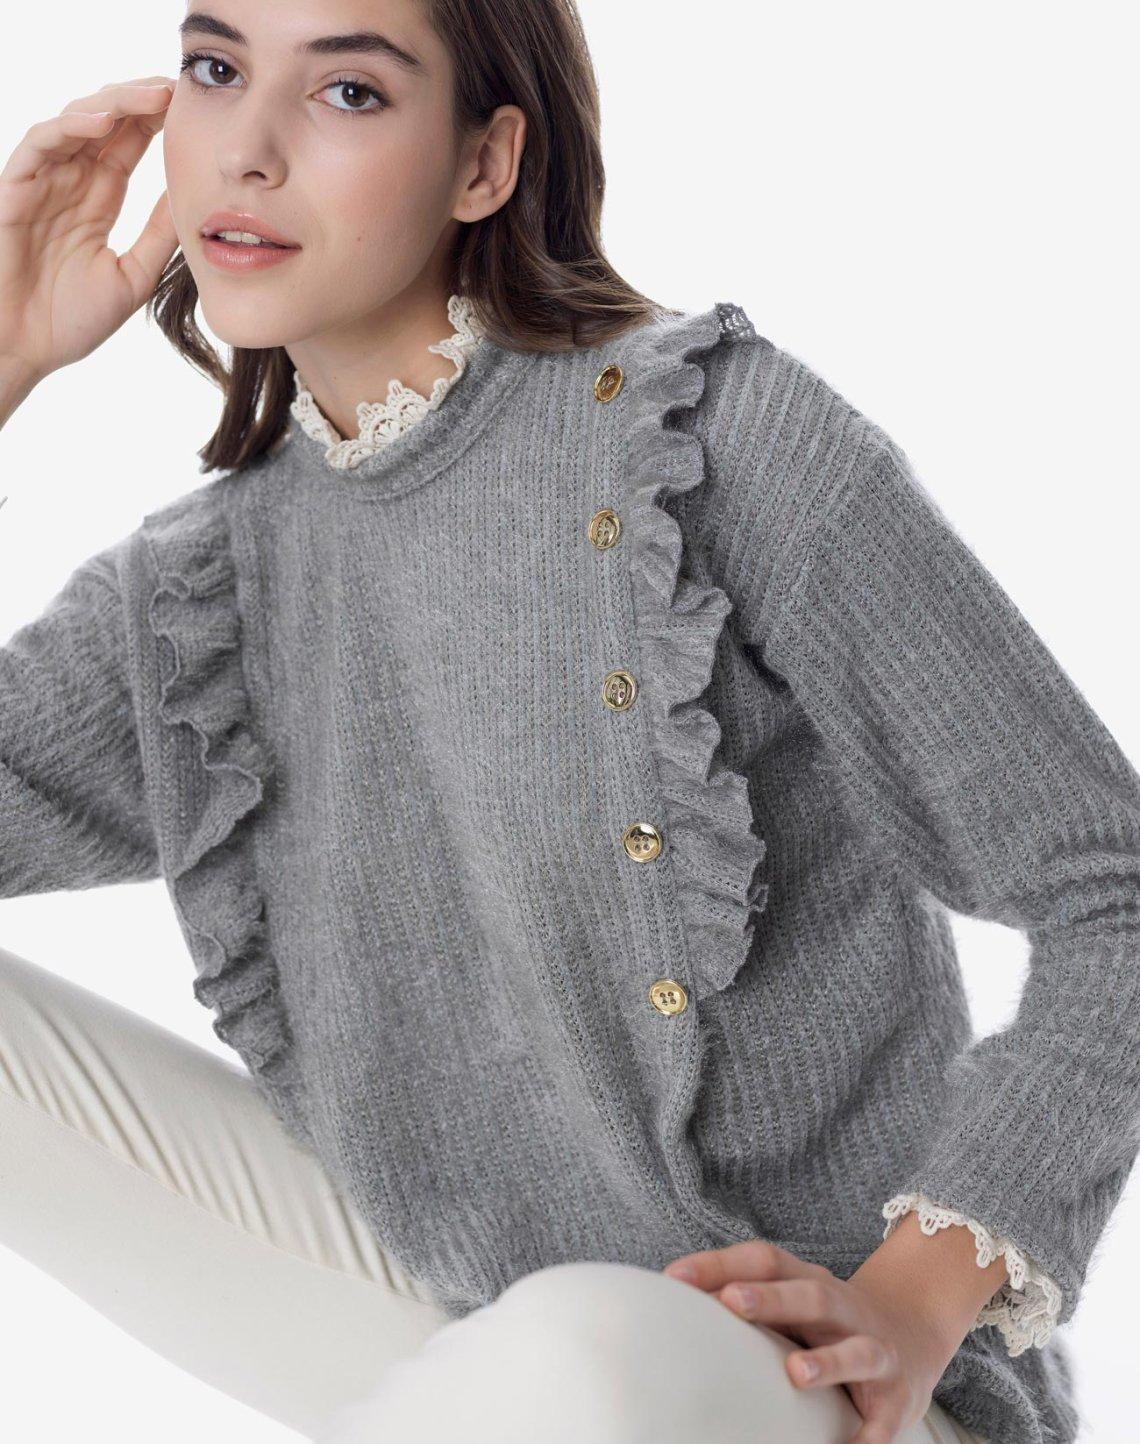 Μπλούζα με κουμπιά και δαντέλα